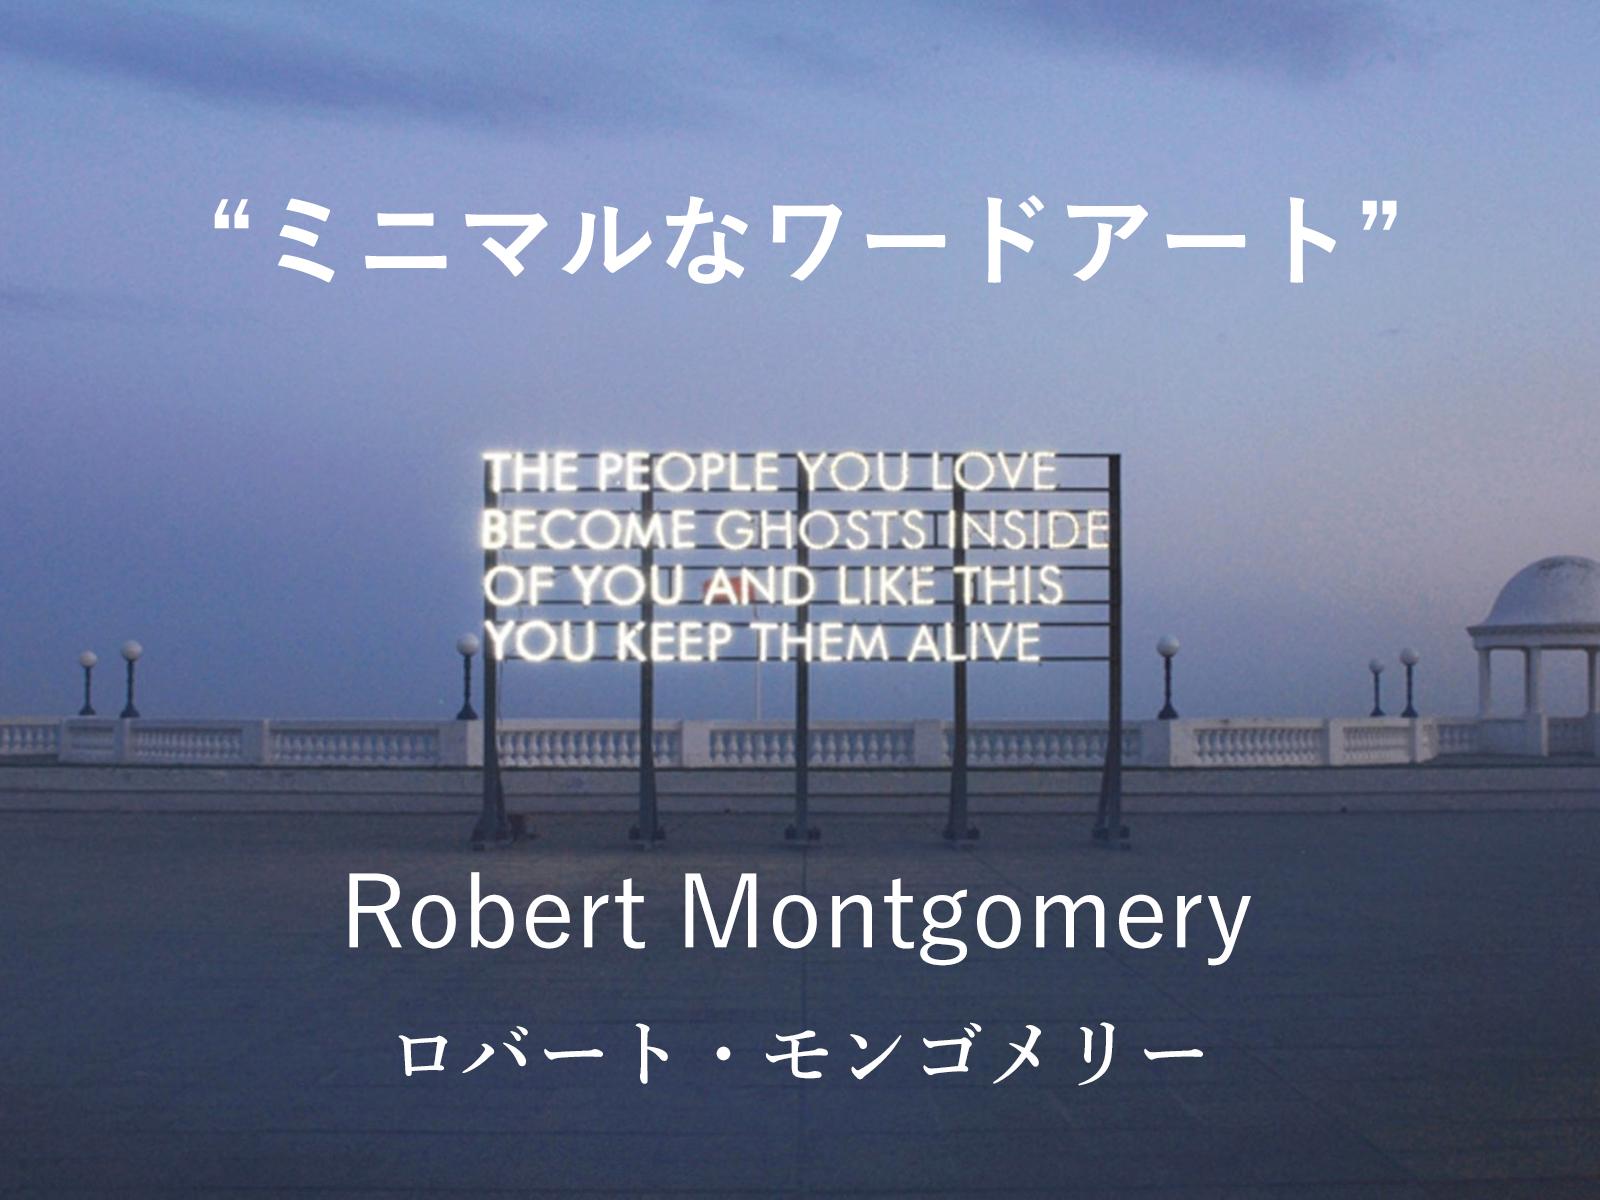 ワードアート – ROBERT MONTGOMERY / ロバート・モンゴメリー